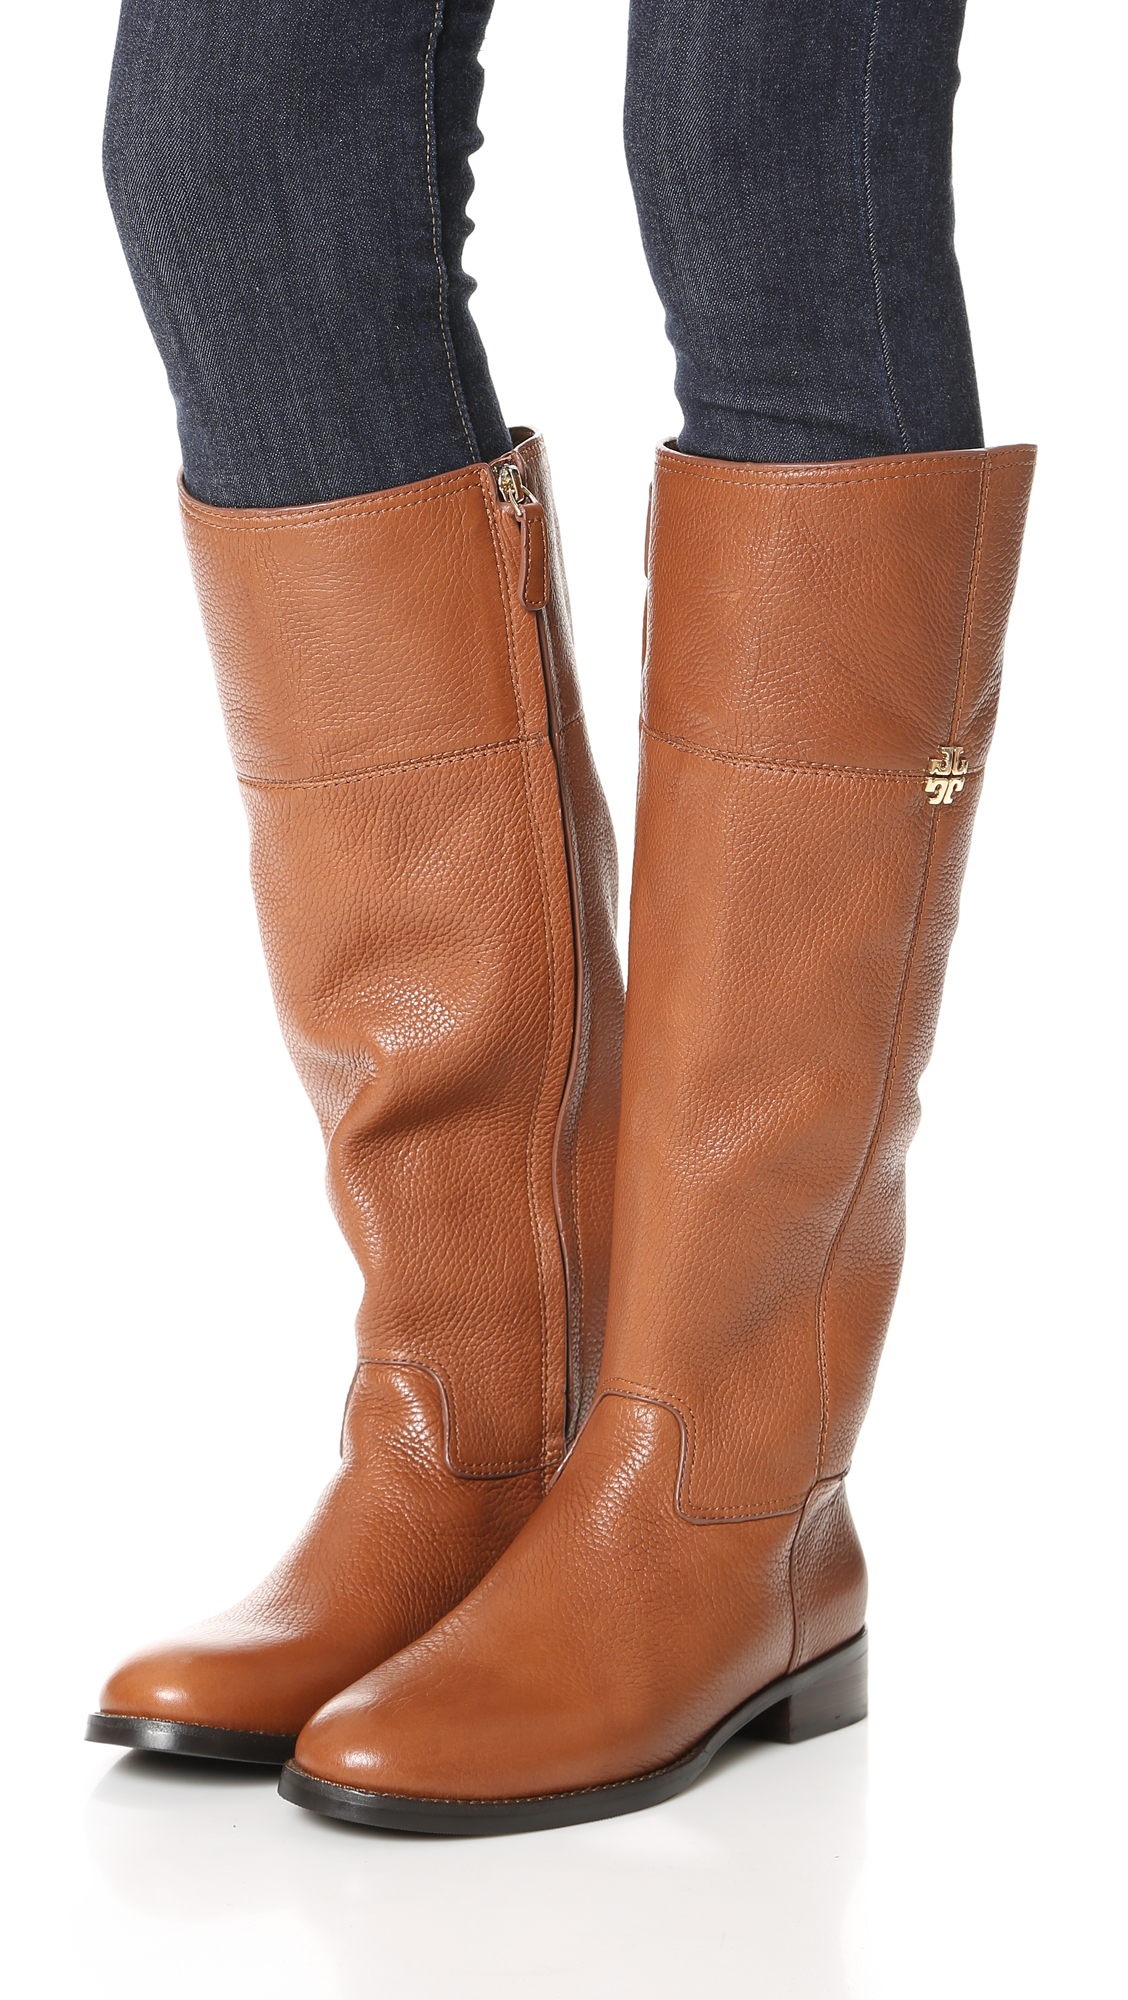 85e17860dd2d3 Tory Burch Jolie Boots